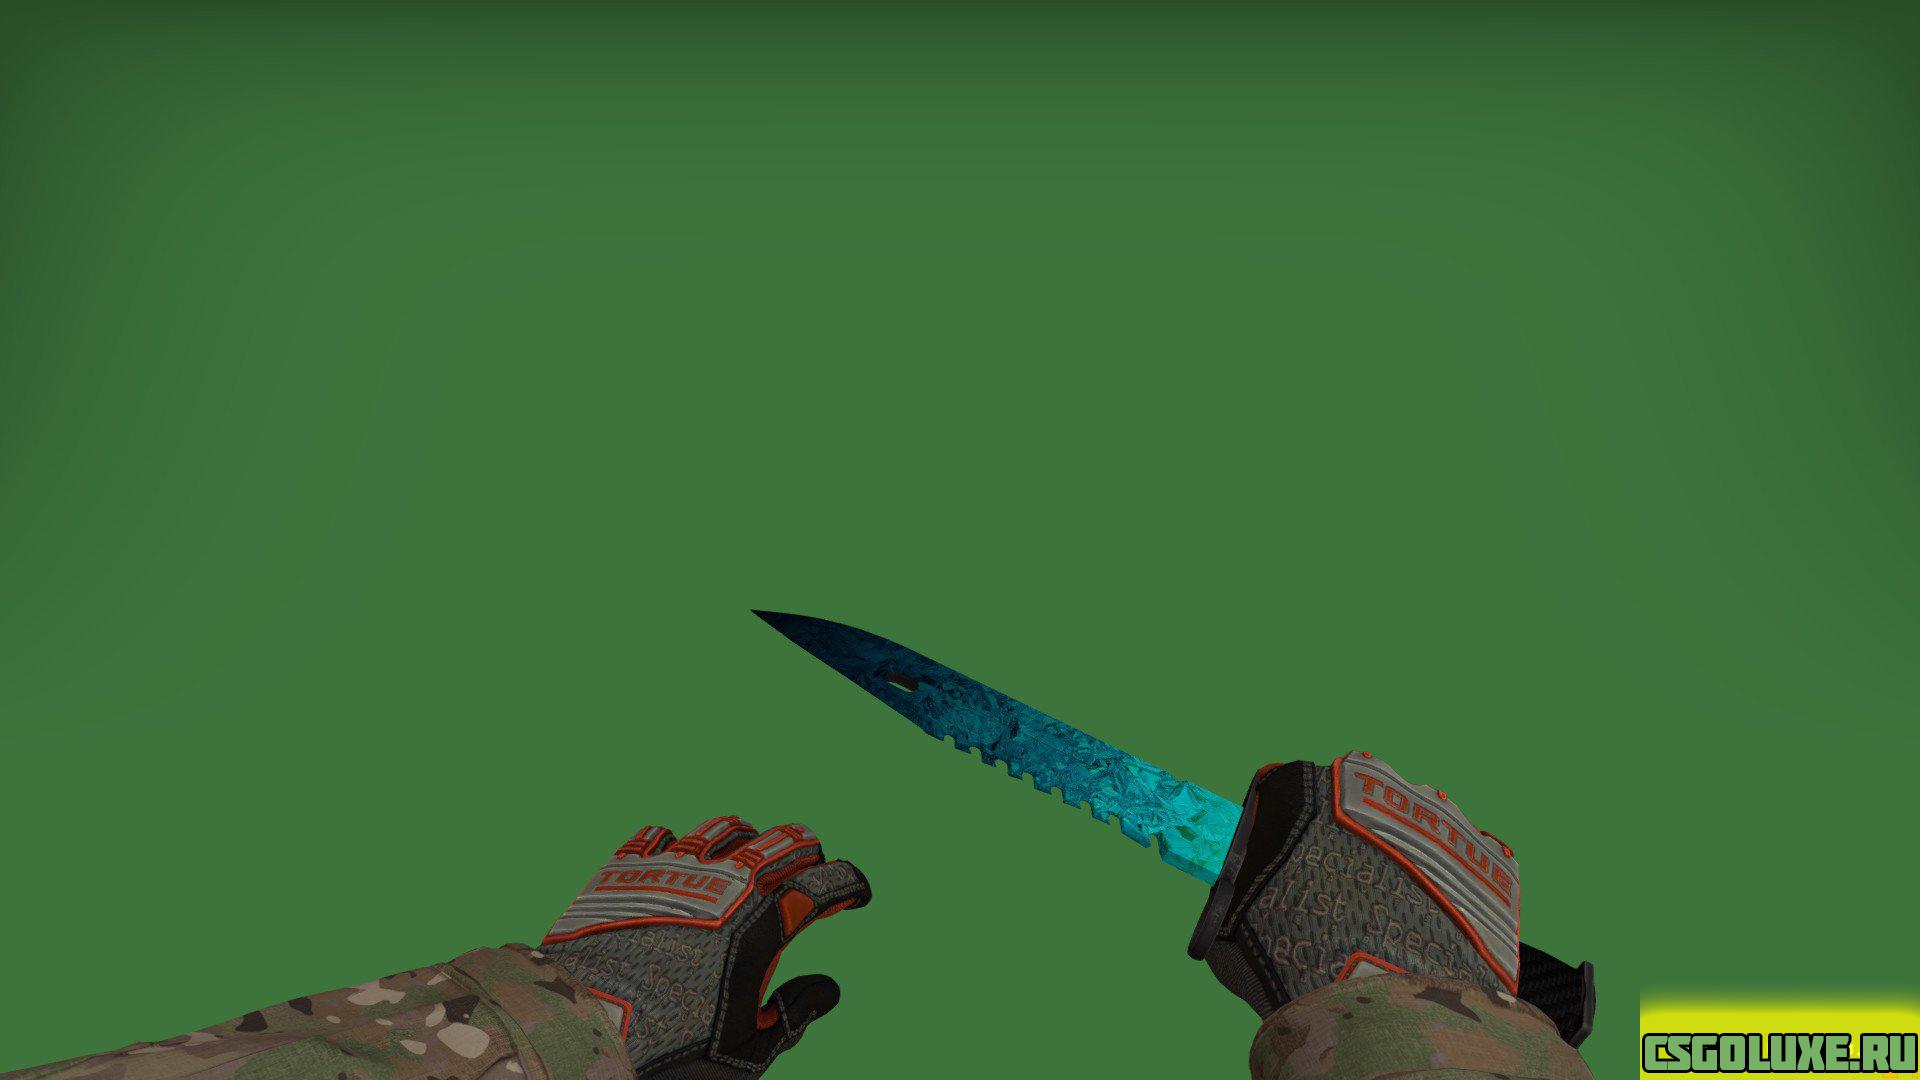 Модель ножа M9 Bayonet - Evolve для CS:GO